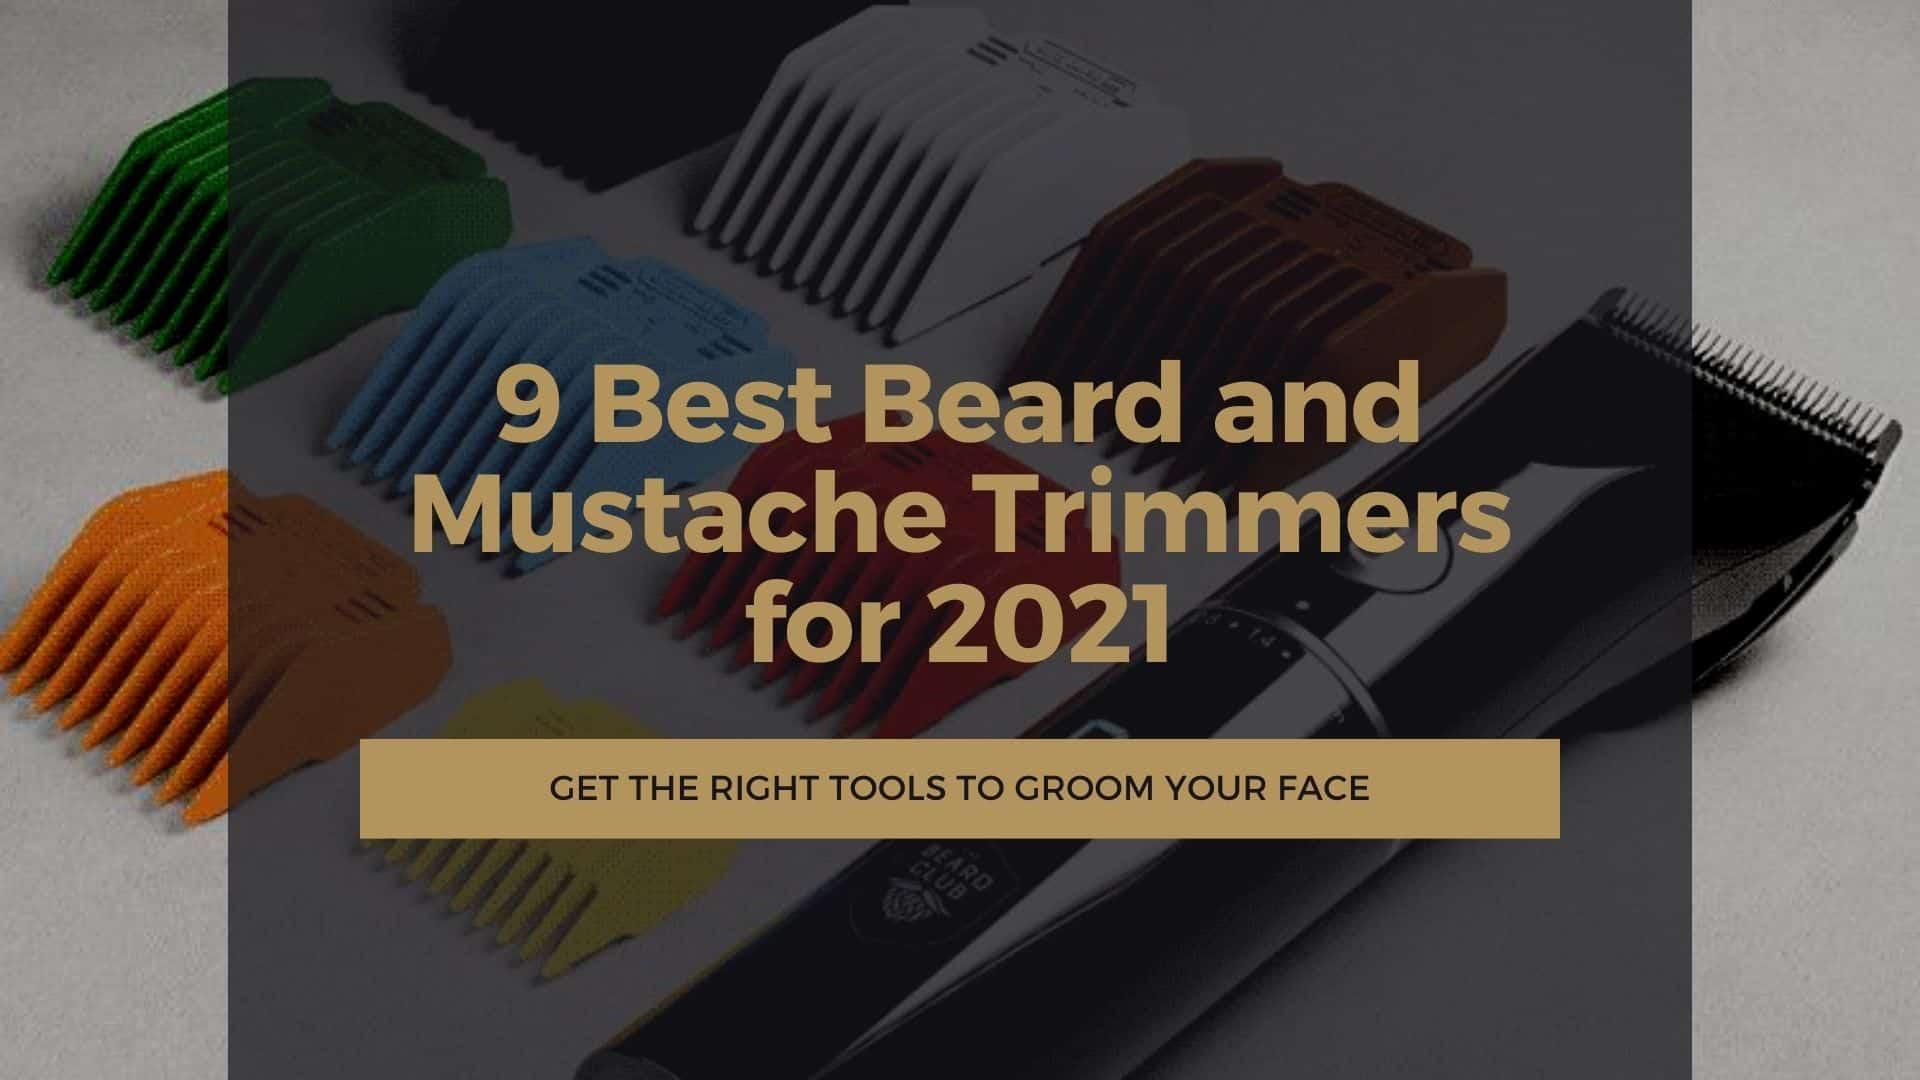 Dudefluencer: Best Beard and Mustache Trimmers